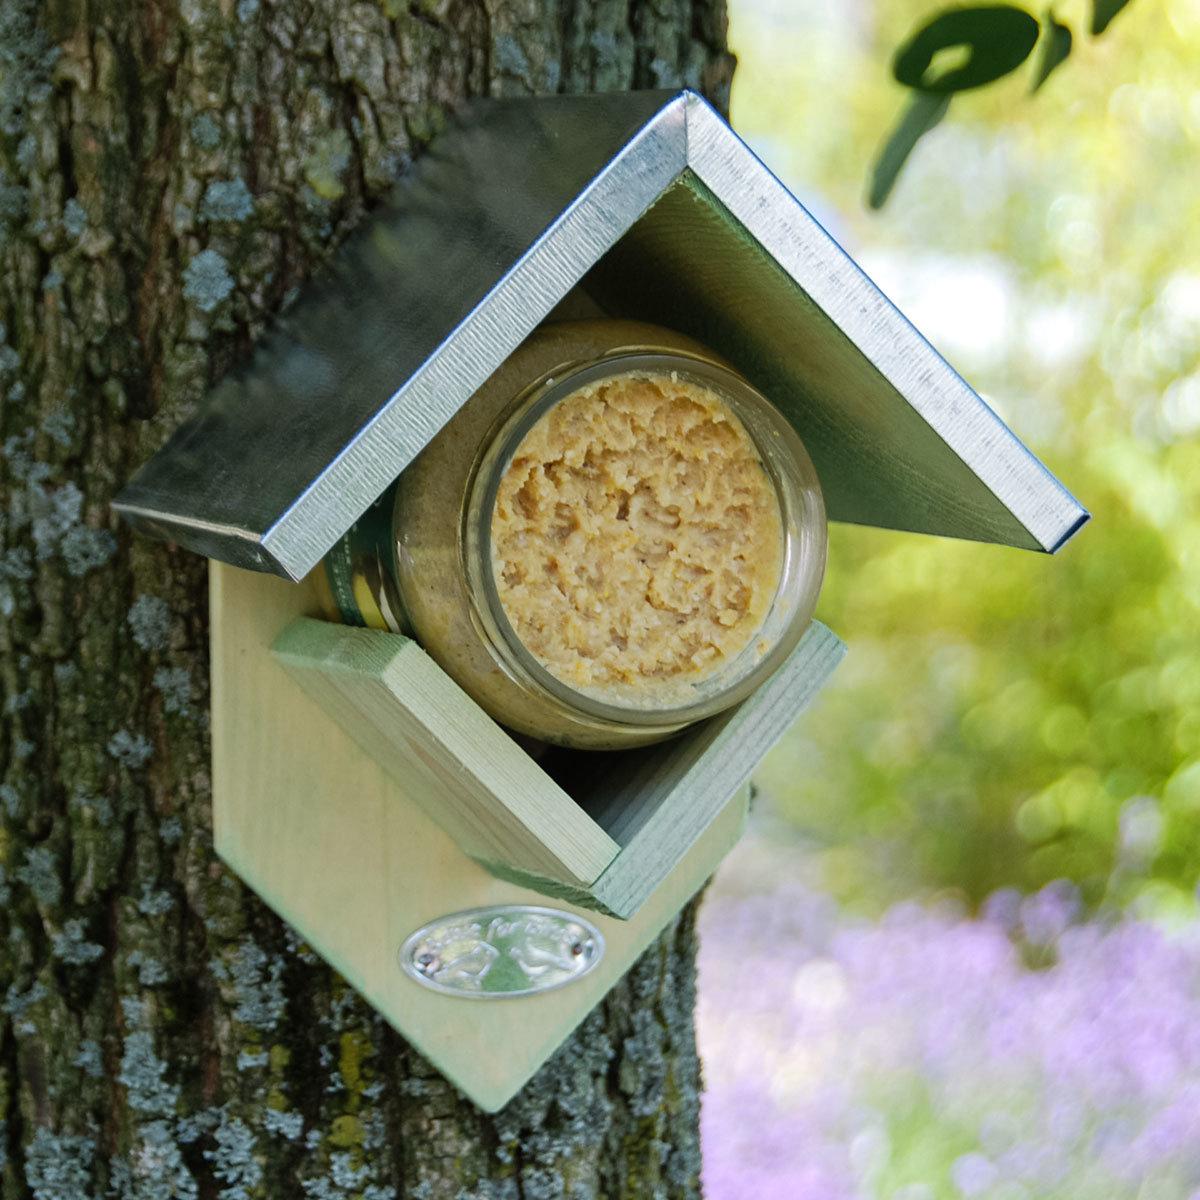 Futterhäuschen für Erdnussbuttergläser, Zinkdach